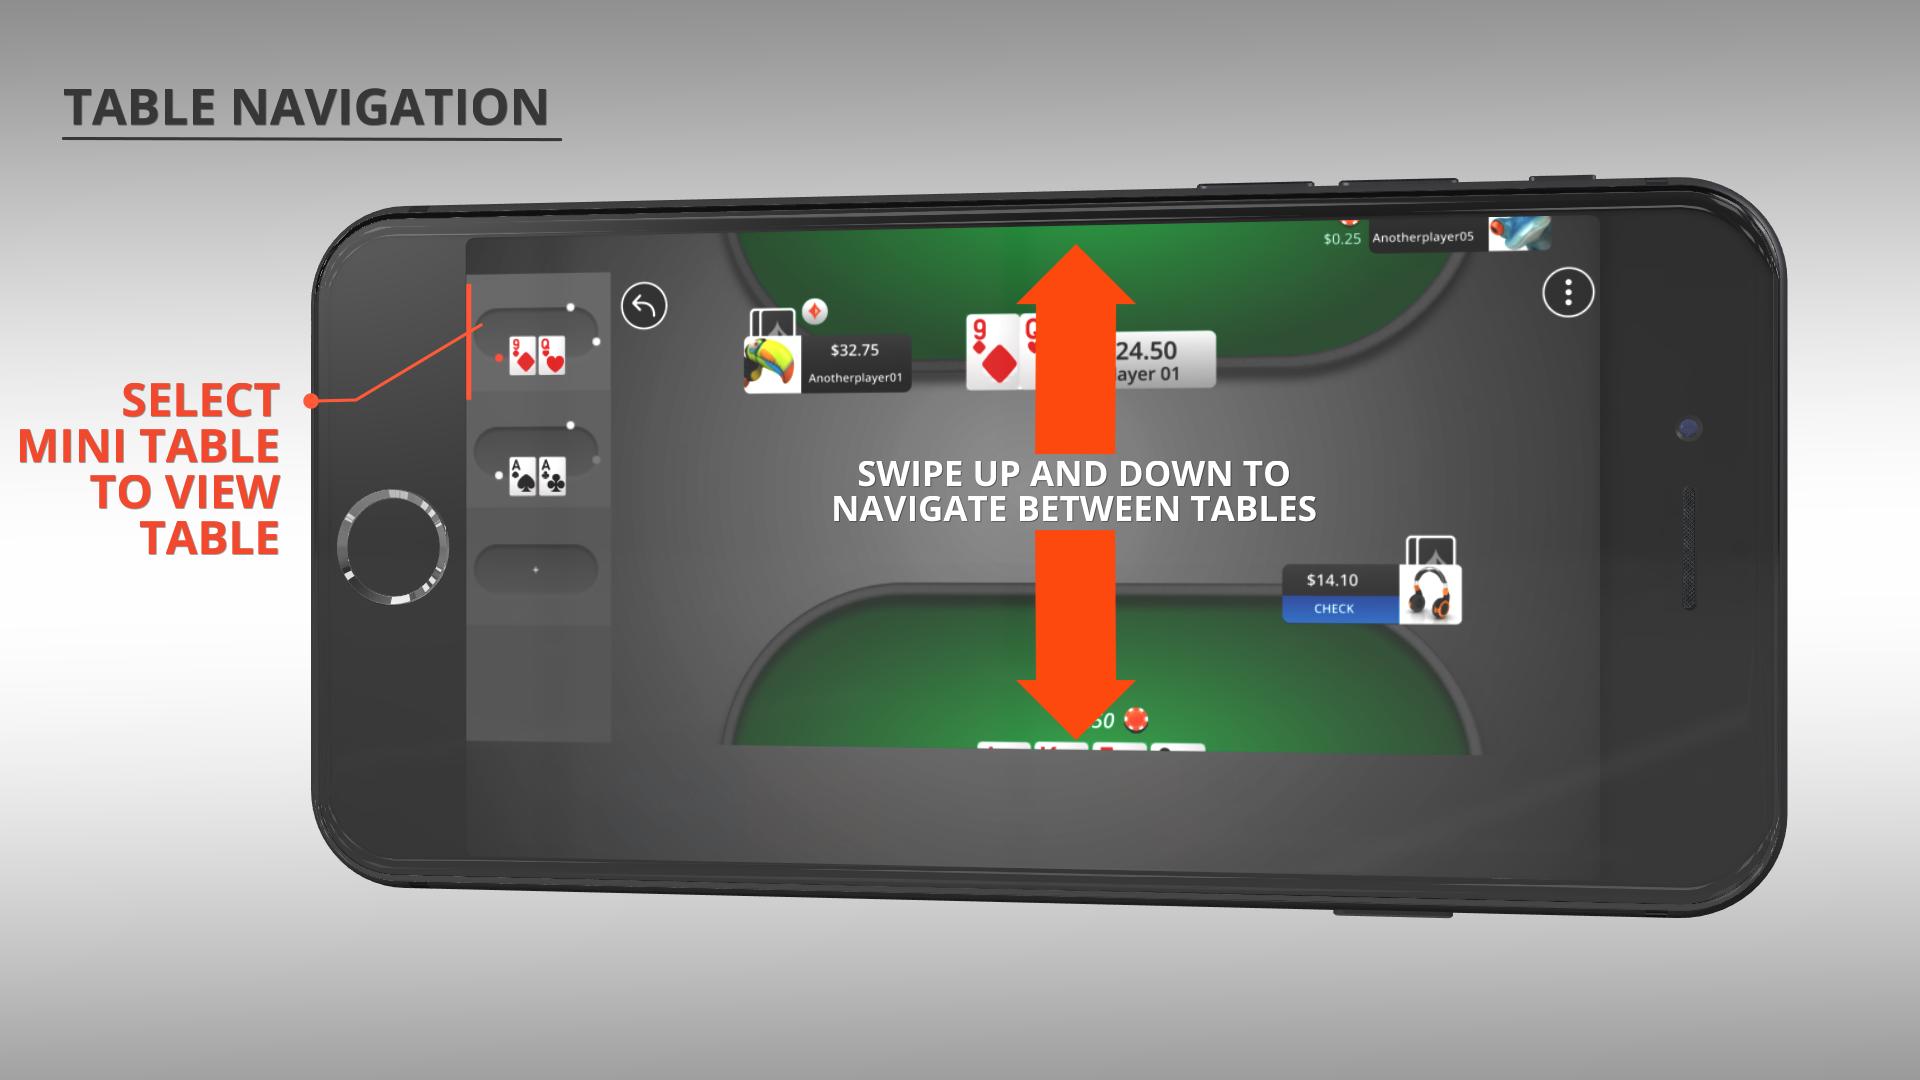 table-navigation-en_US.png